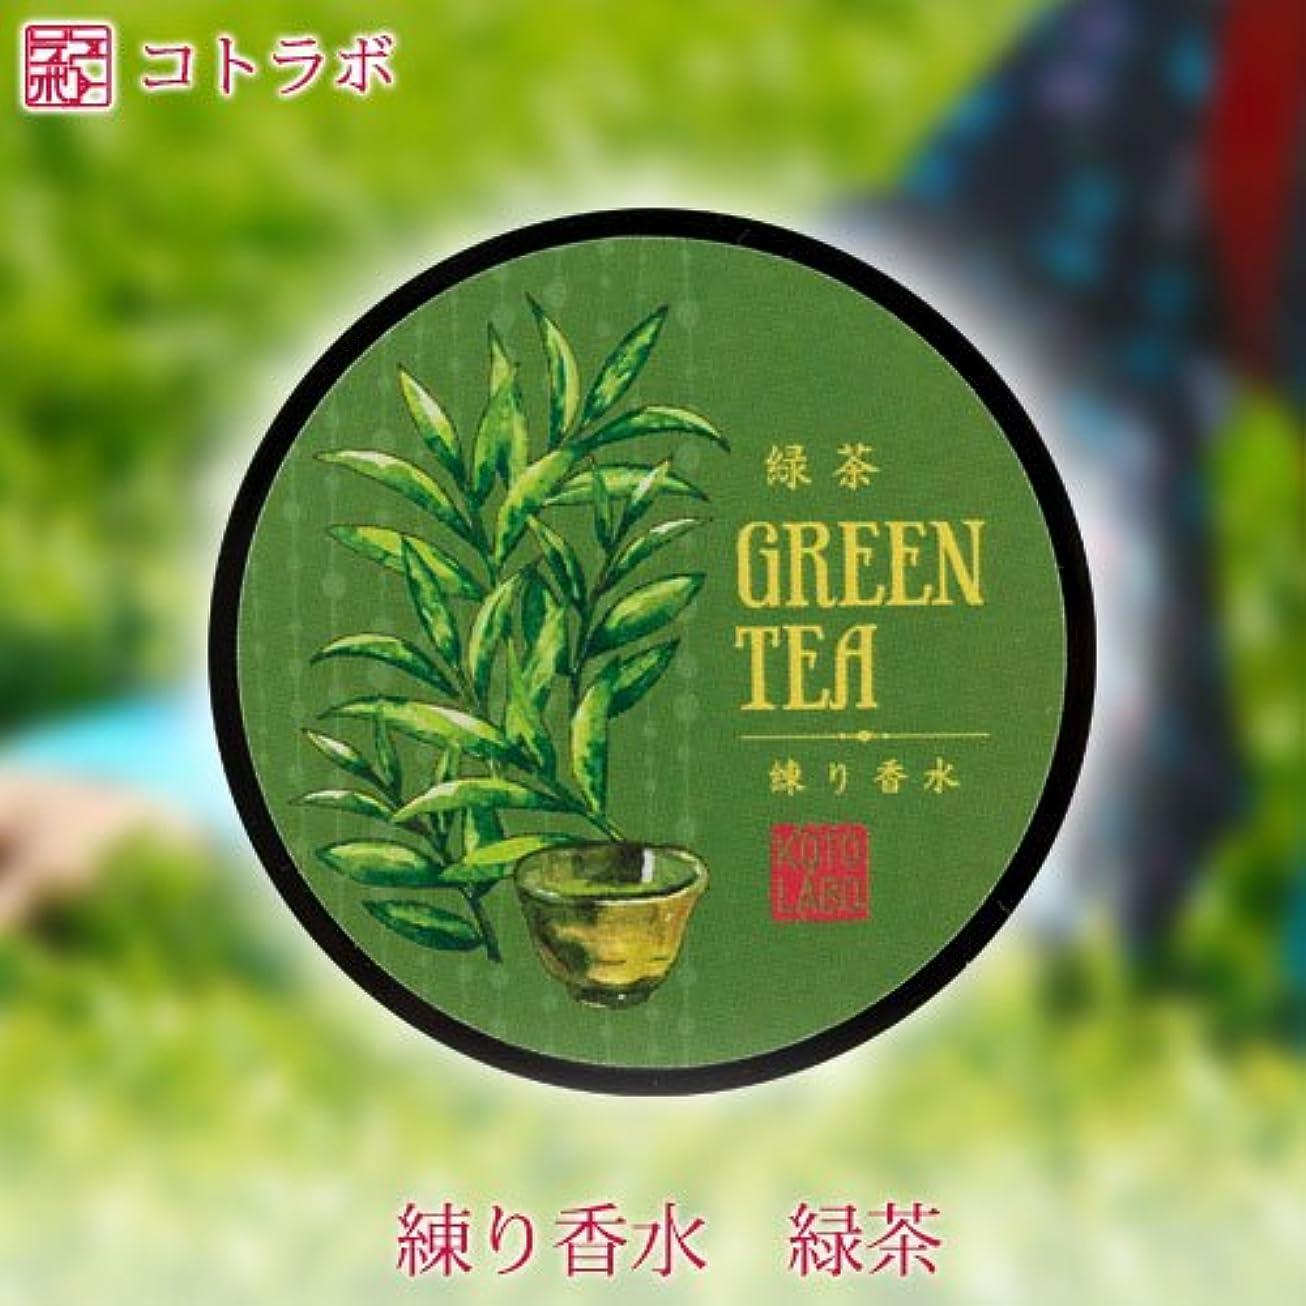 独特のちなみにエイズコトラボ練り香水京都謹製緑茶グリーンティーフローラルの香りソリッドパフュームKotolabo solid perfume, Green tea